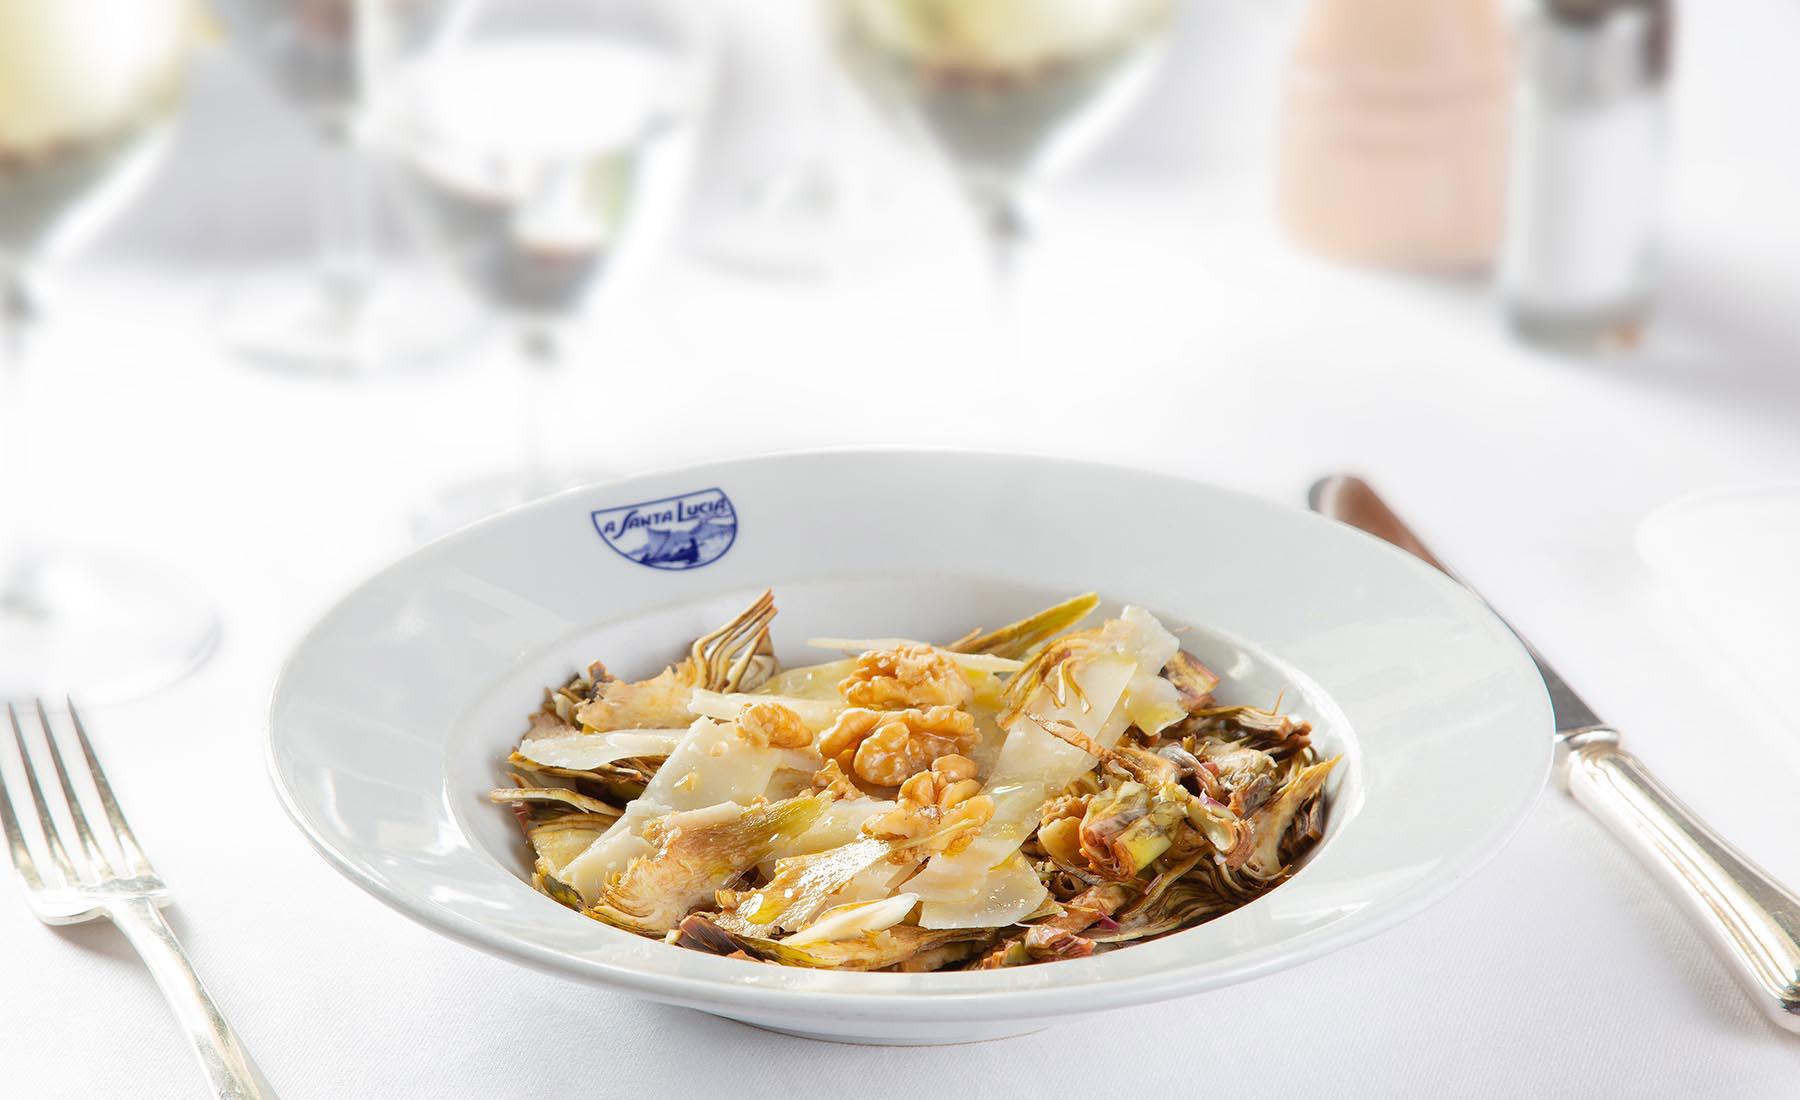 Insalata di carciofi con parmigiano e noci